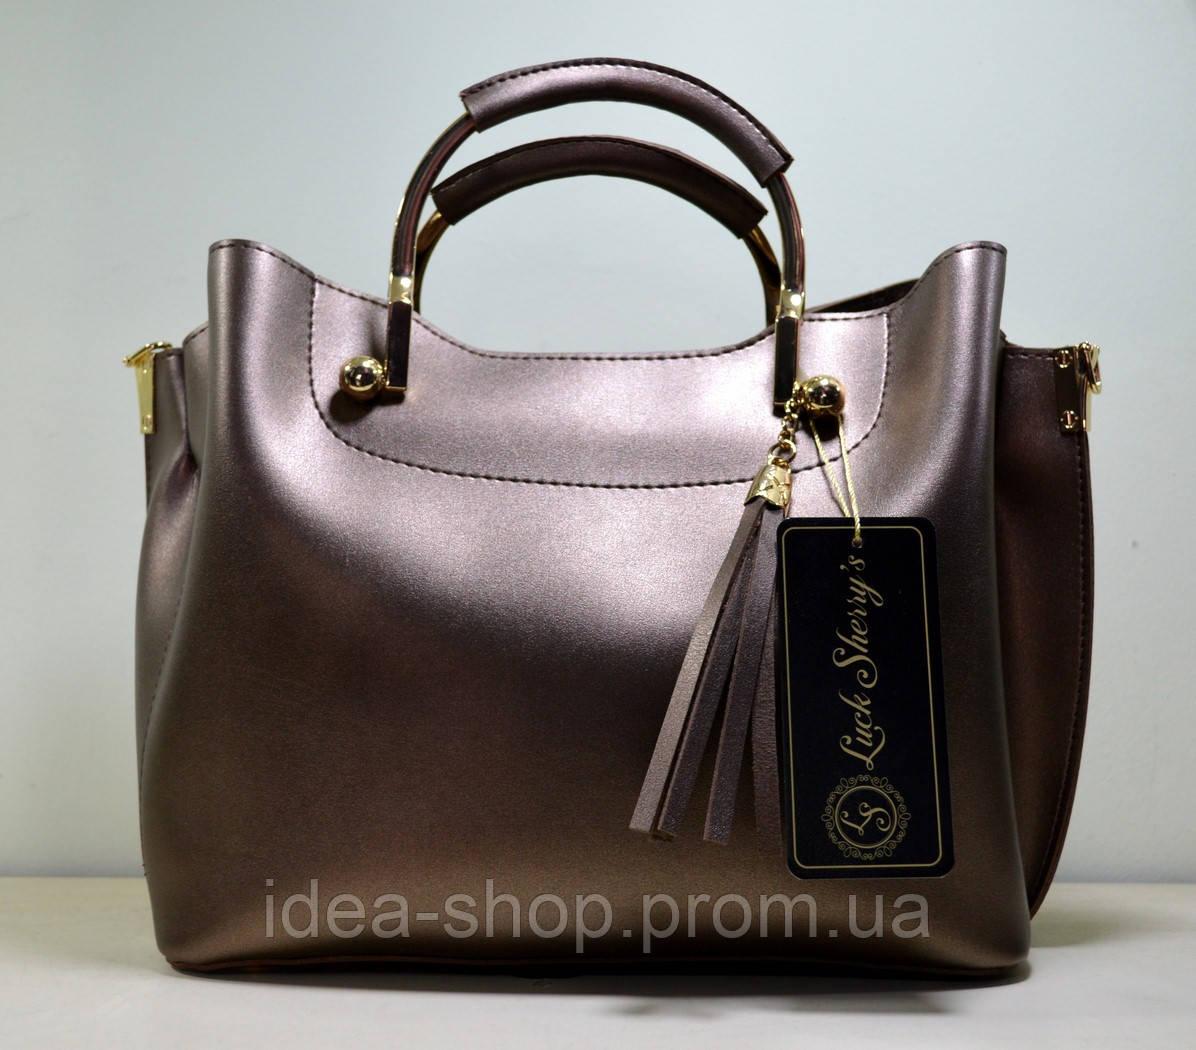 Отличная бронзовая сумочка для девушки